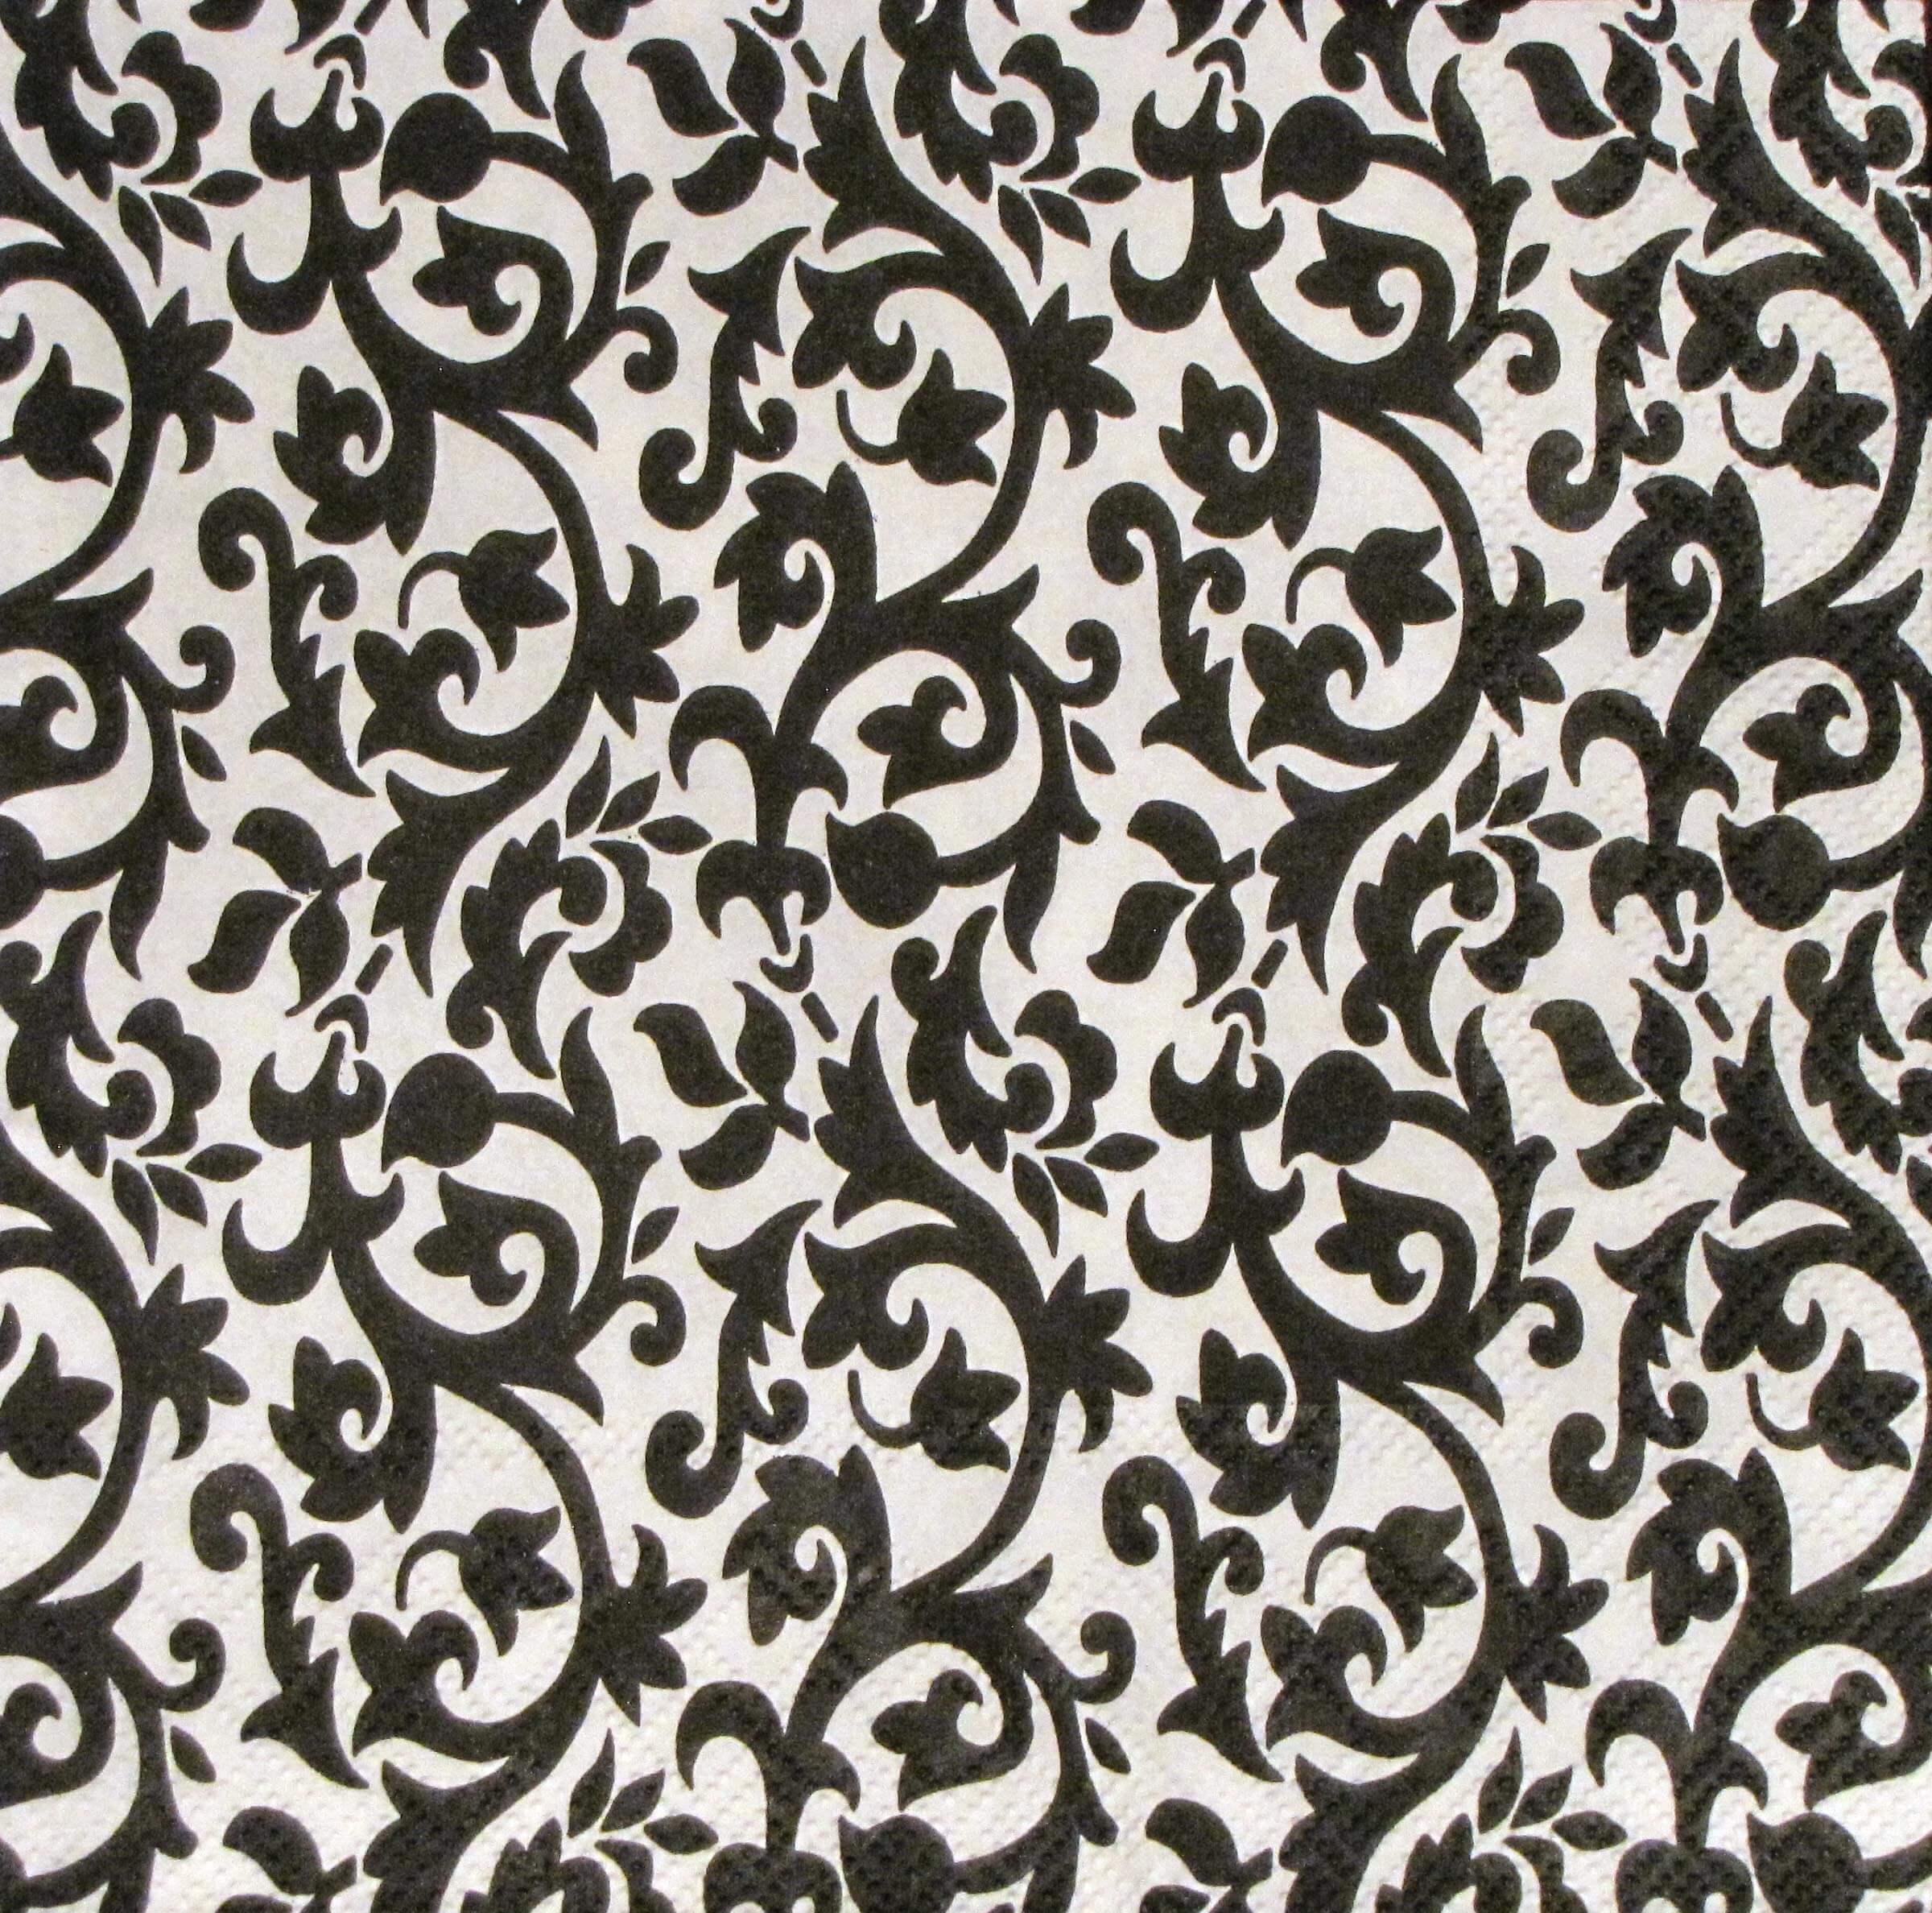 Serviette Ornament schwarz - weiß - Angels Garden Dekoshop